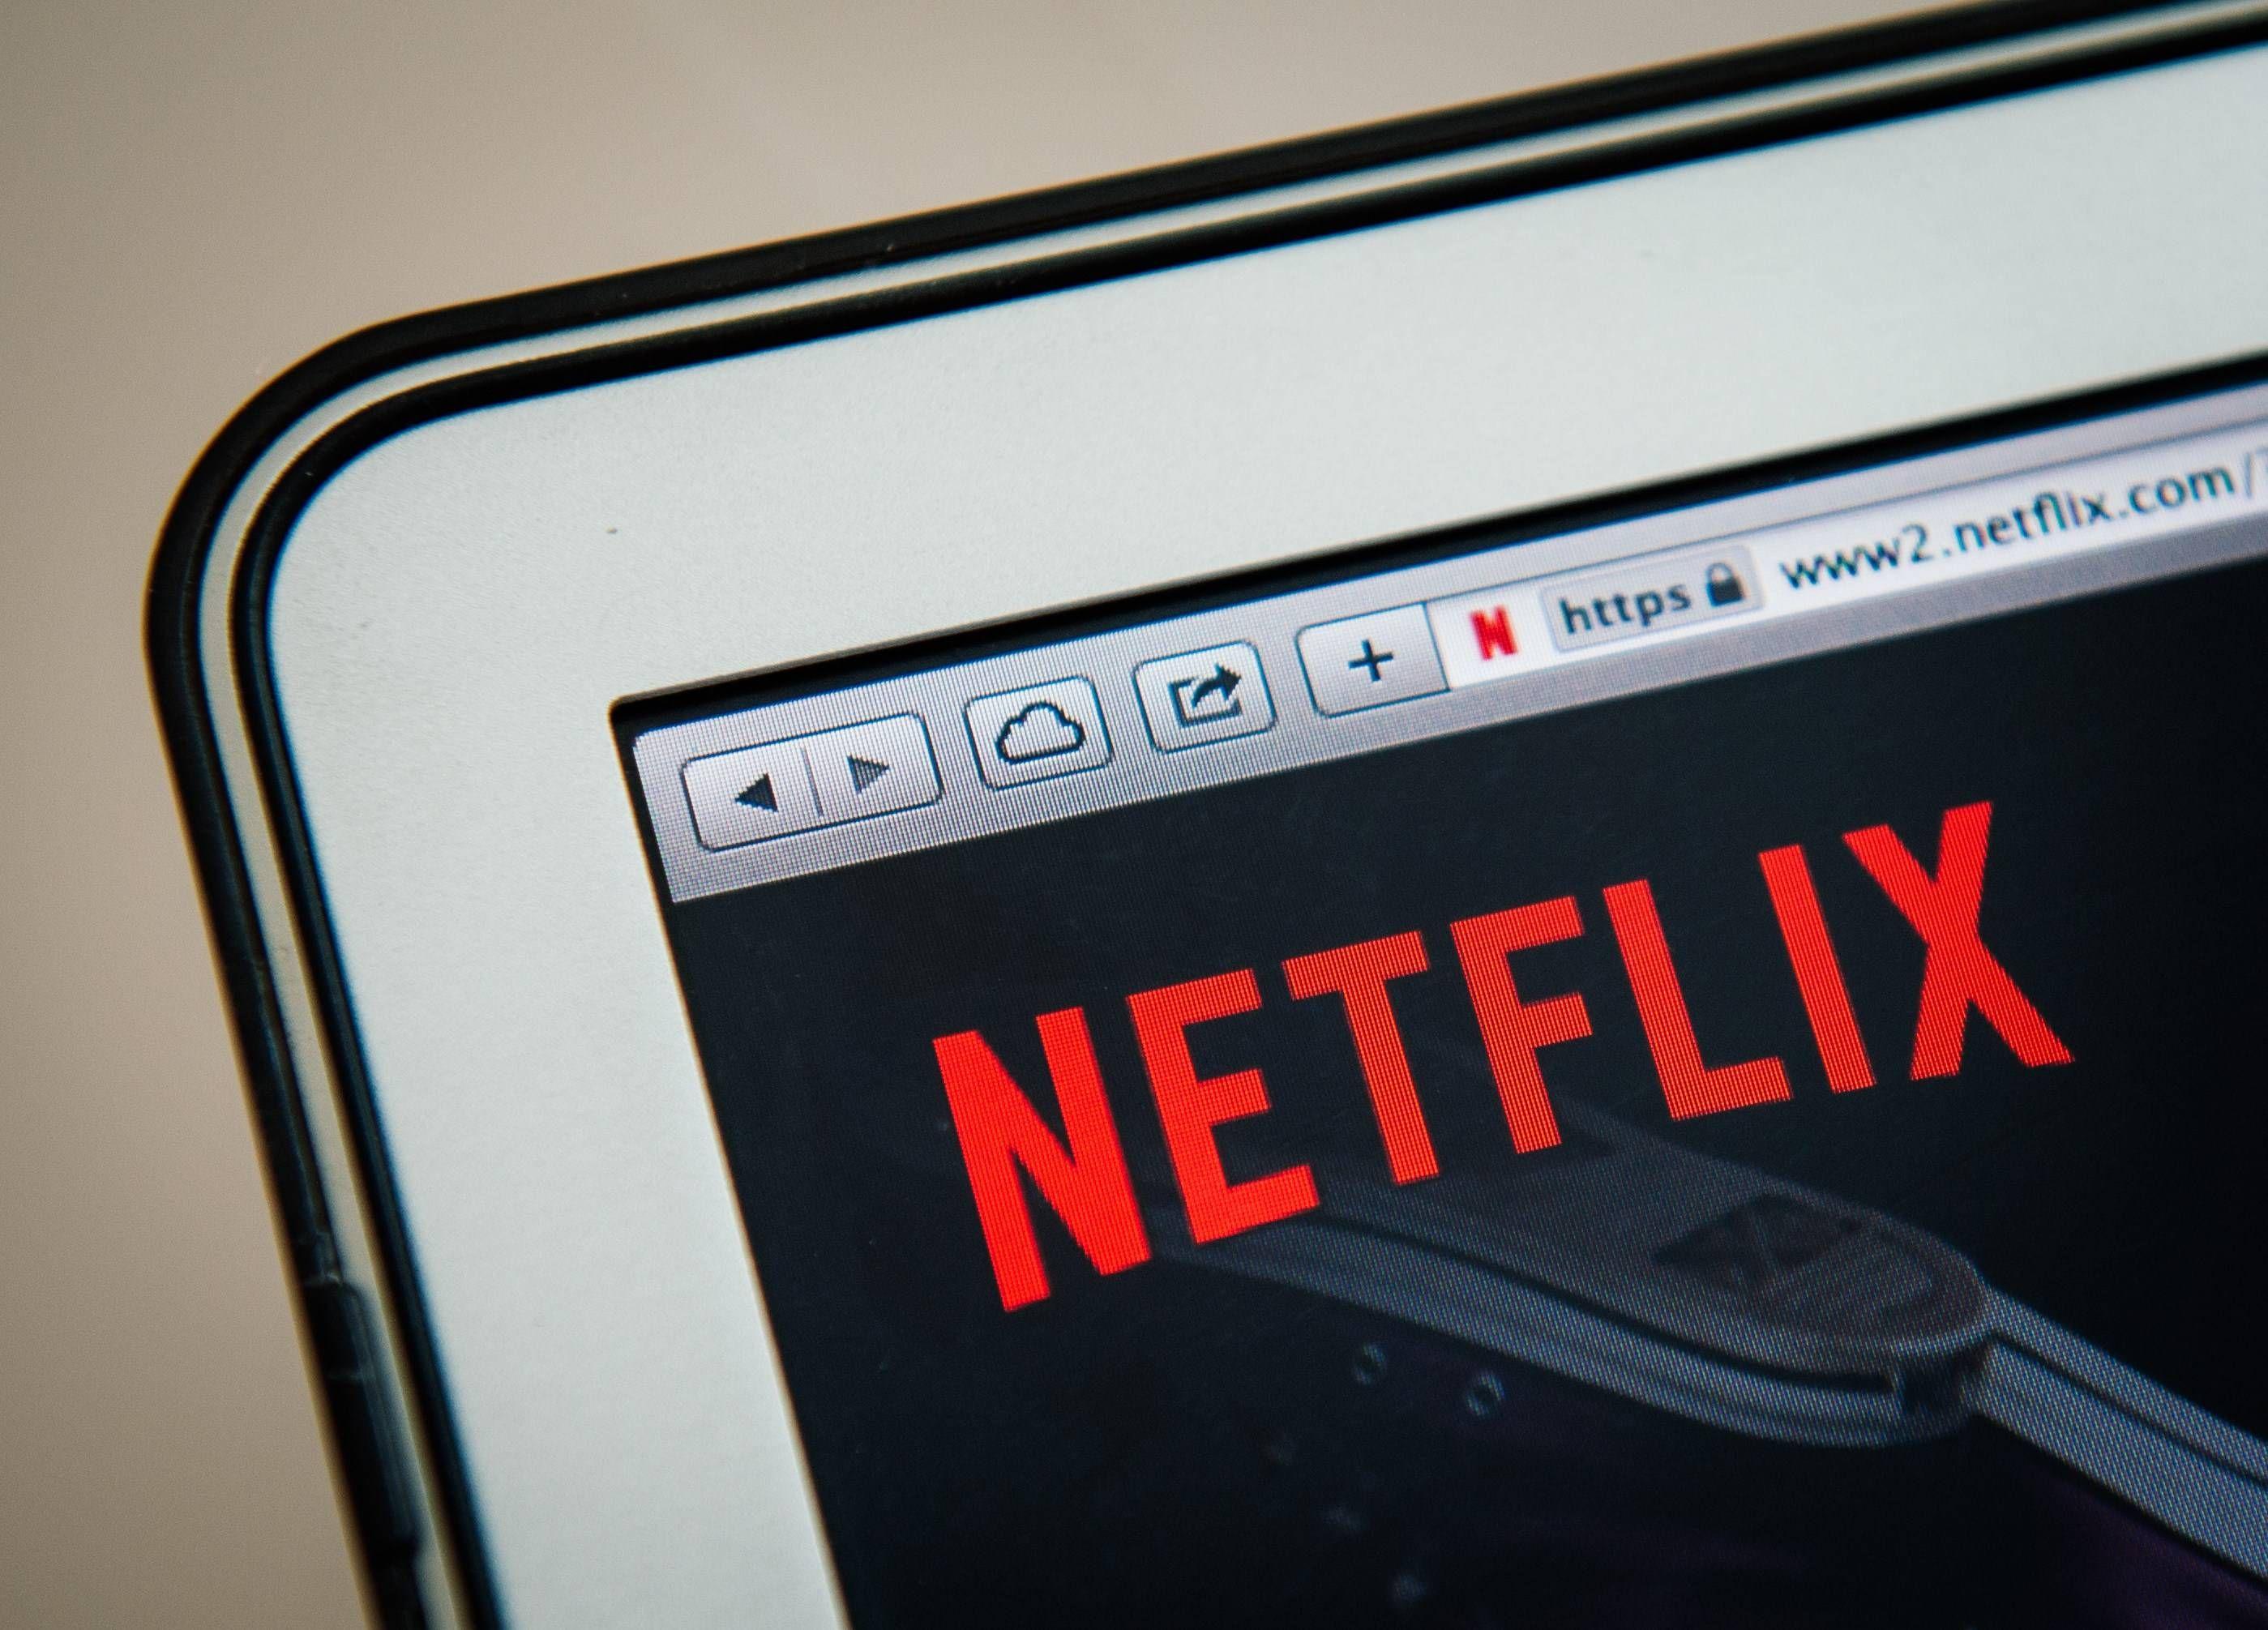 Wir haben gute Nachrichten für alle Netflix-Fans: Mit ein paar Codes könnt ihr bei Netflix viele versteckte Filme freischalten und angucken. Auch wenn einige von uns sicherlich schon oft genug von den Serien und Filmen des Streaming-Anbieters gefesselt sind, gibt es mit diesen Tricks noch mehr Bingewatching-Spaß.